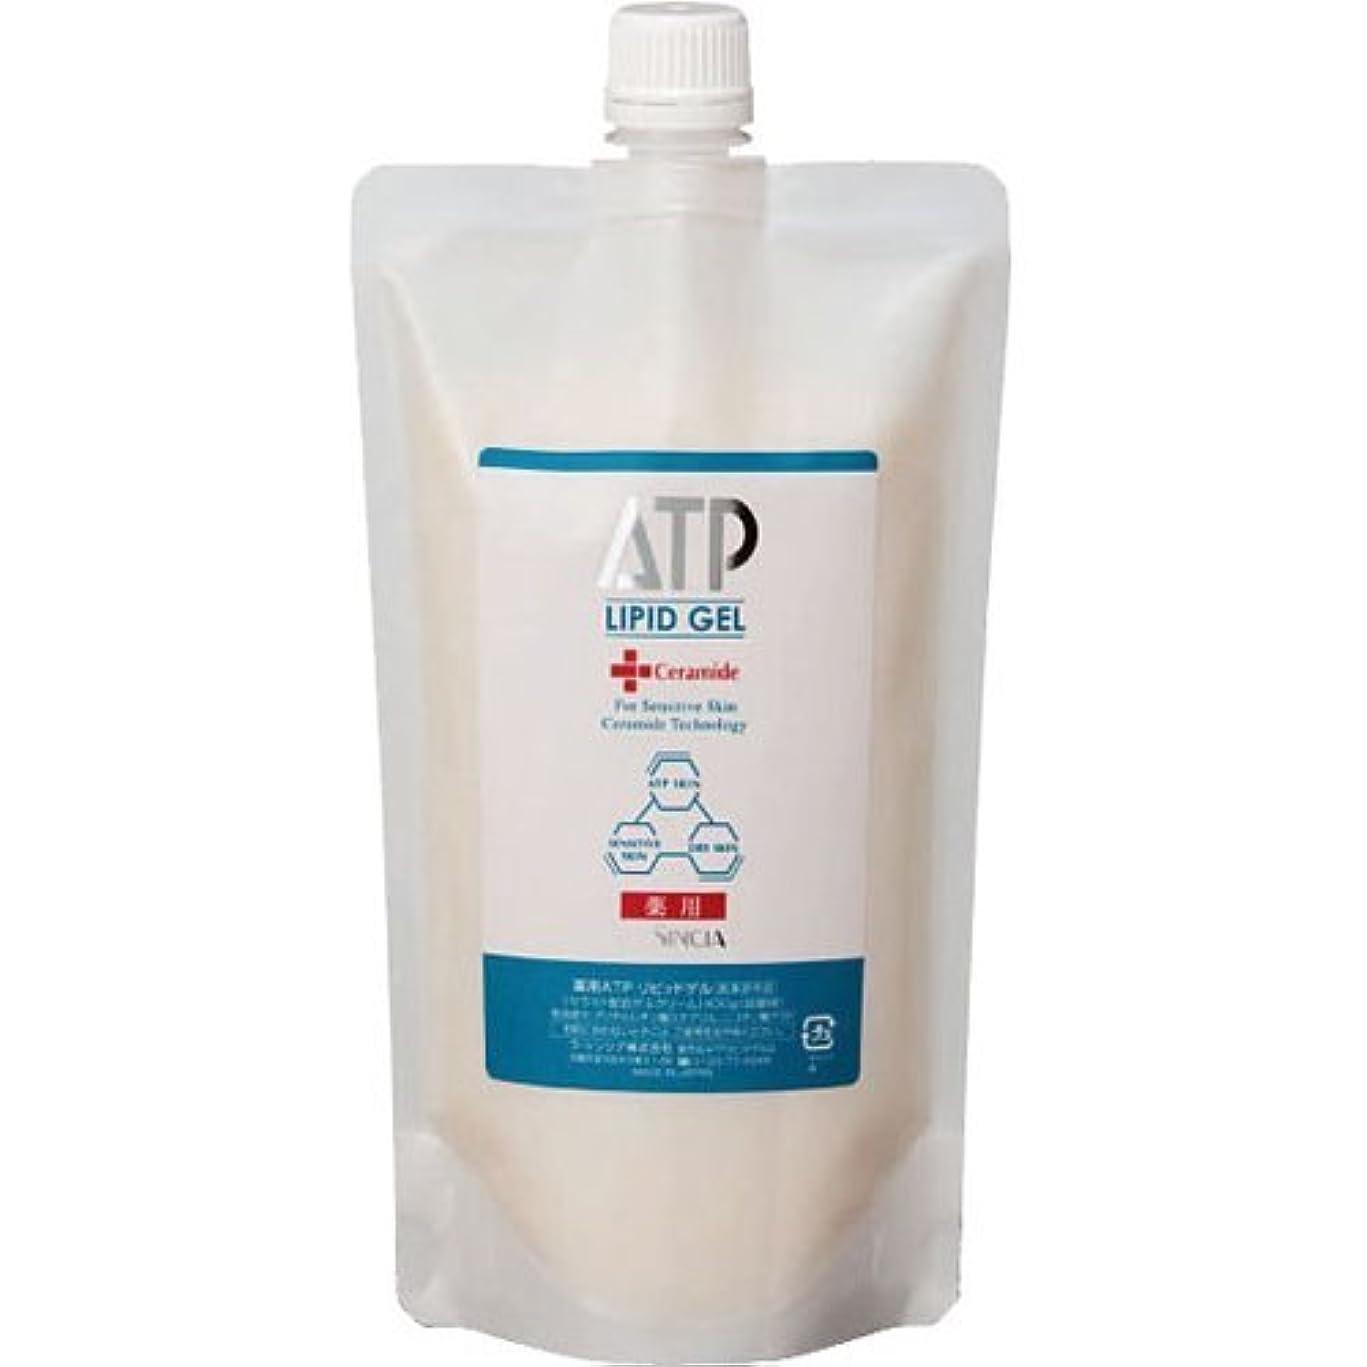 うそつきプリーツ幹ラシンシア 薬用ATPリピッドゲル 400g(詰替用) 【セラミド配合ゲルクリーム】